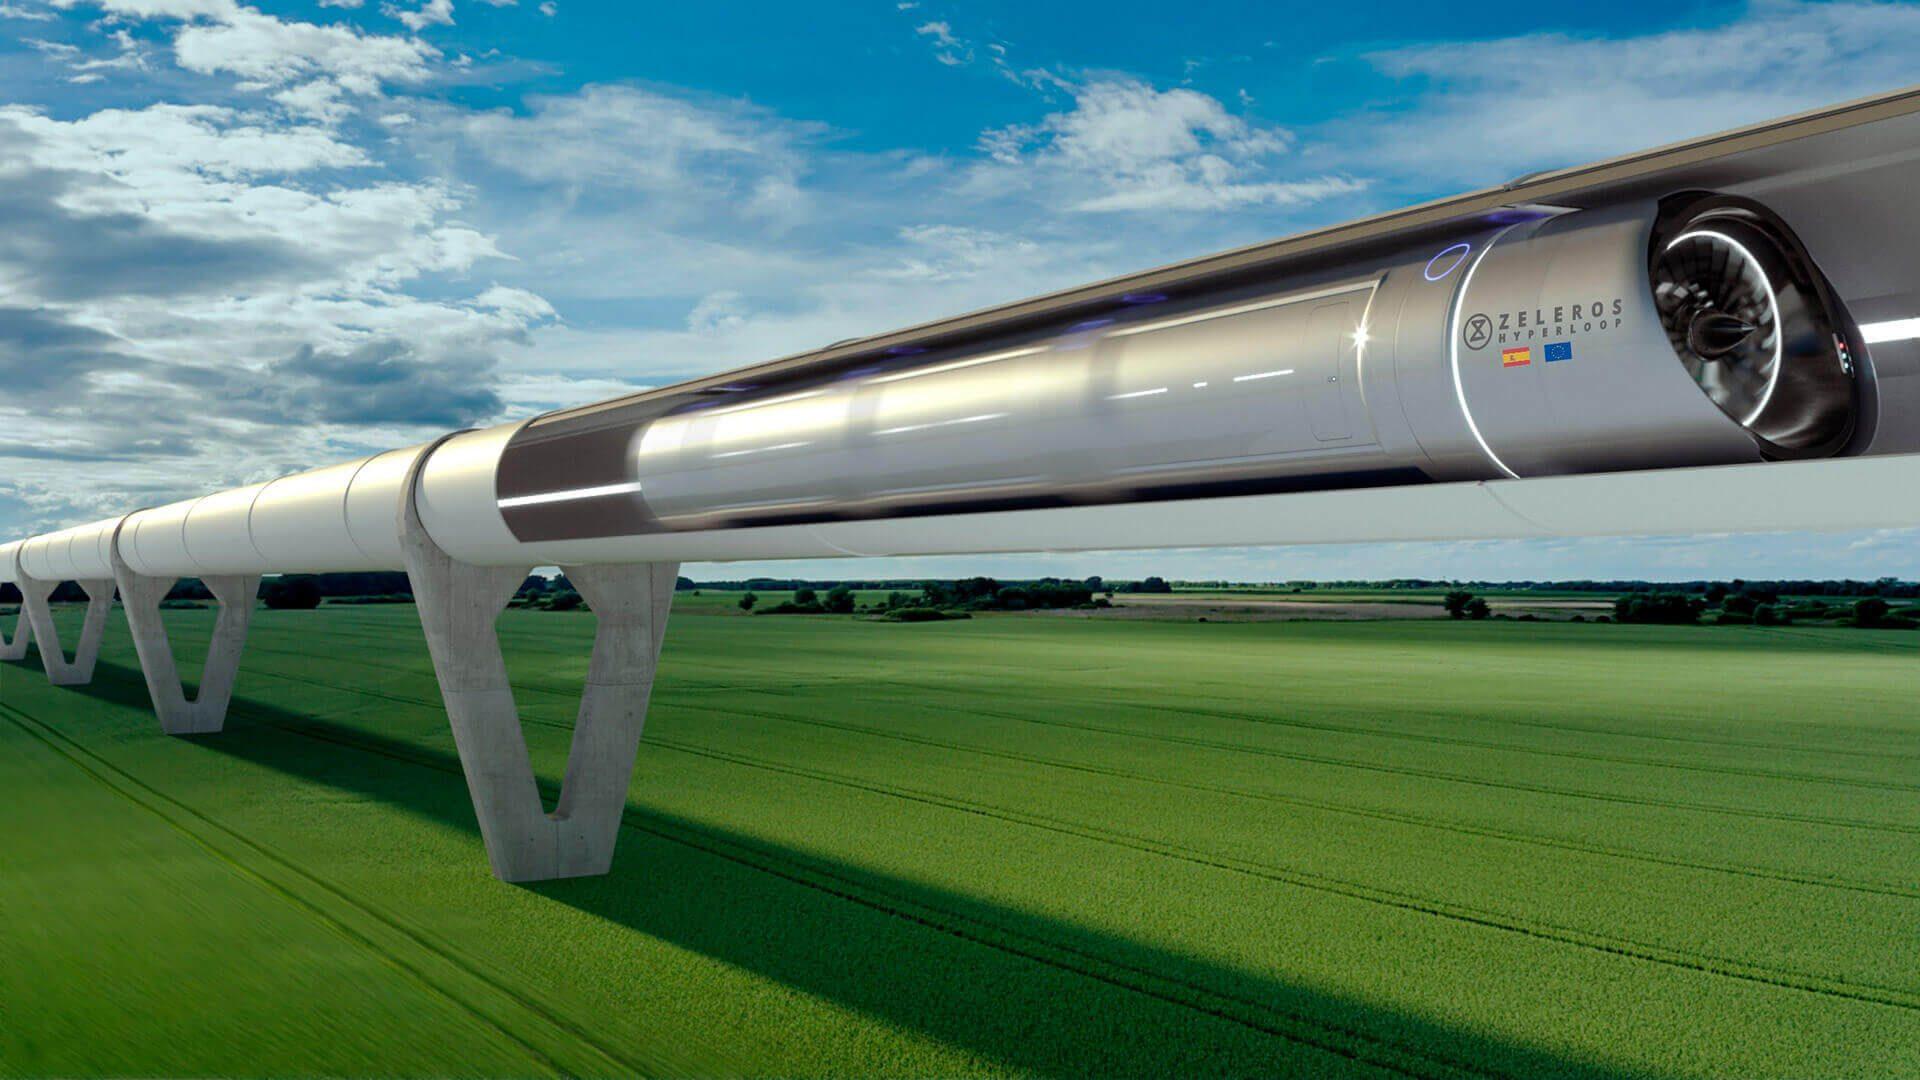 Zeleros Hyperloop integrada